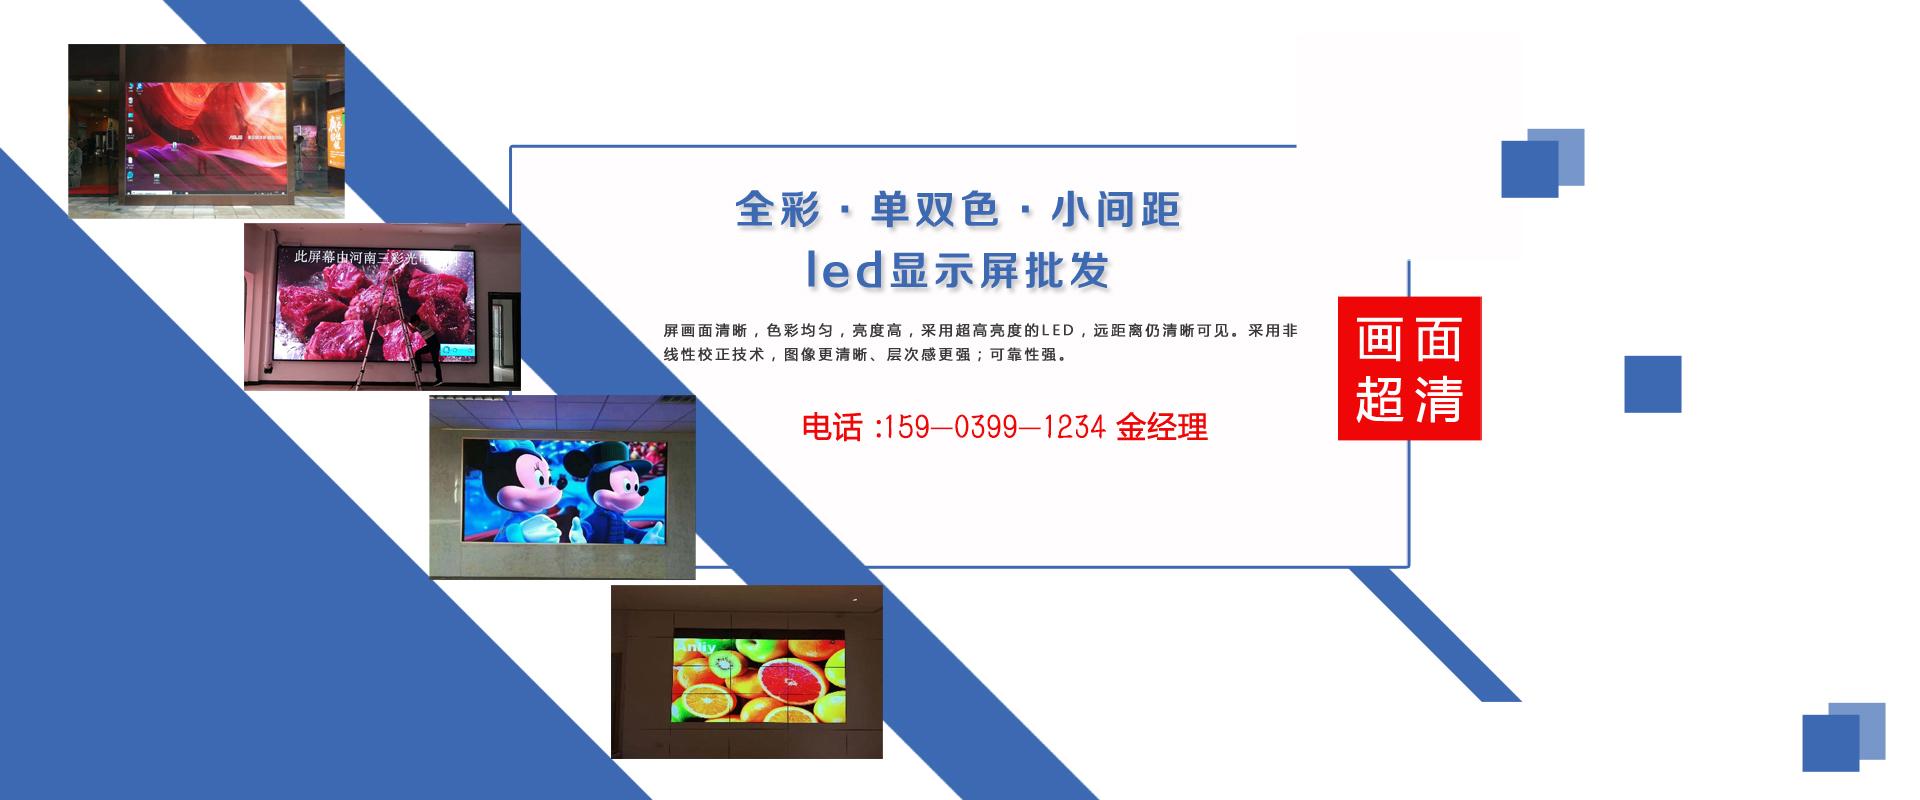 郑州户外led显示屏